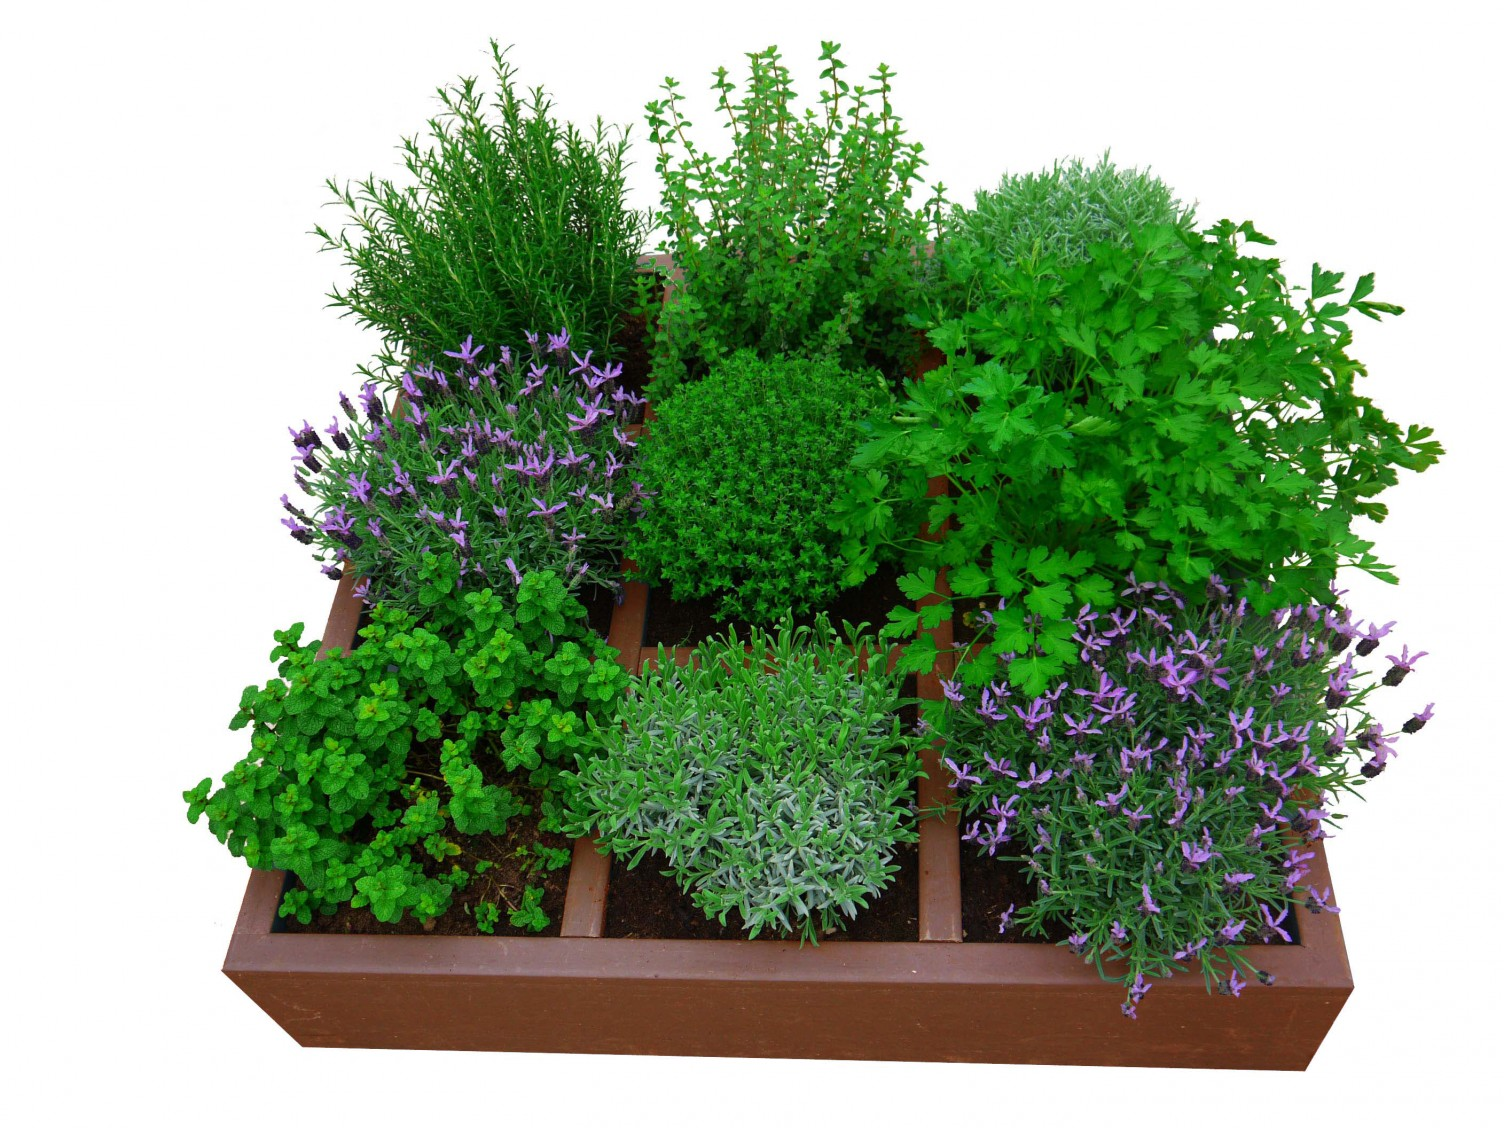 Vierkante Meter Tuin : Kabinet pepijn verheyen tips voor een vierkantemetertuin